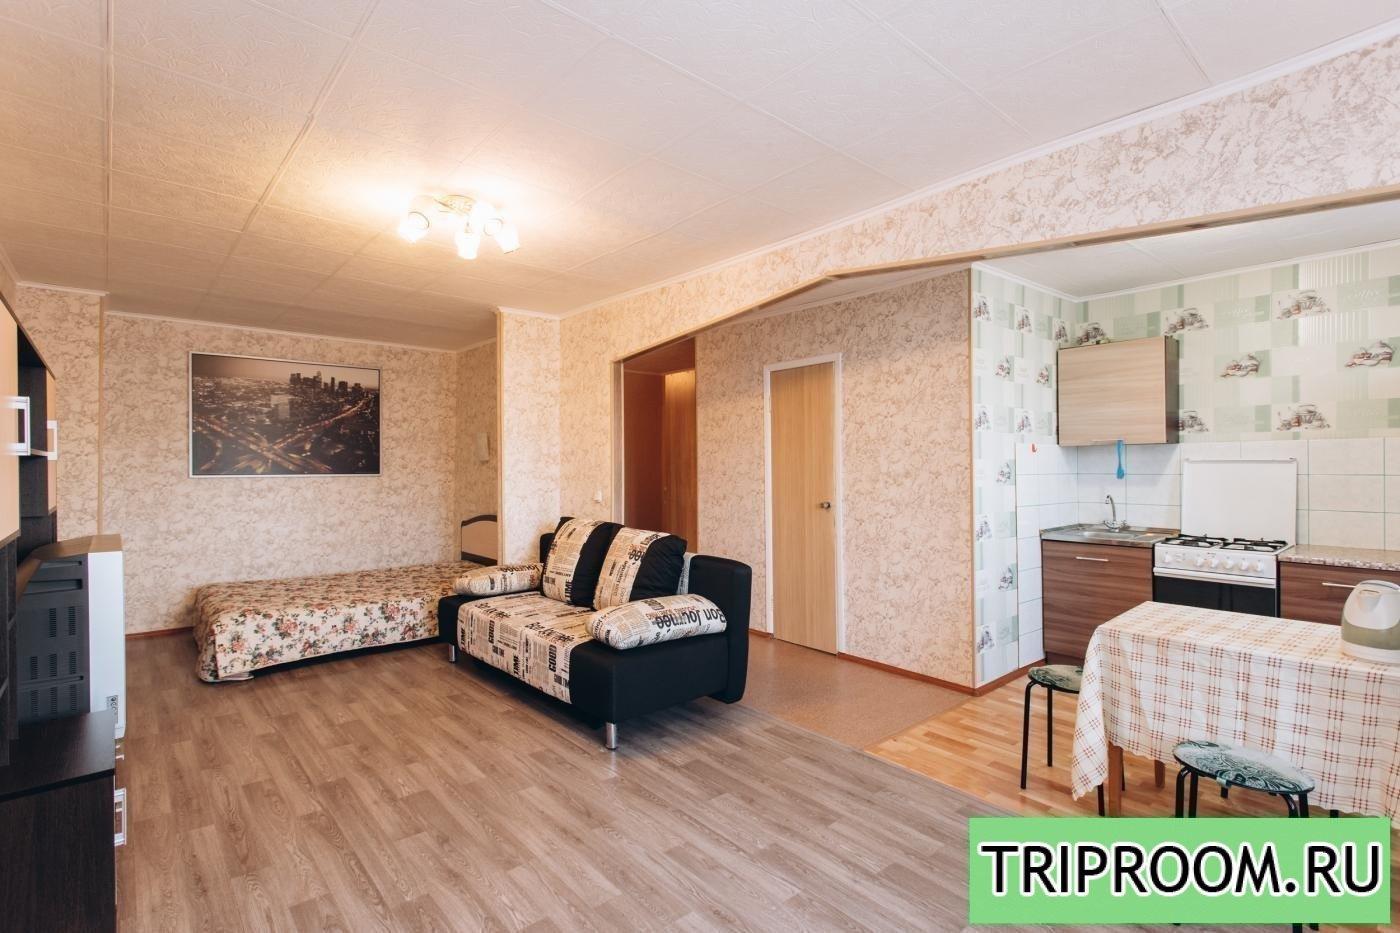 1-комнатная квартира посуточно (вариант № 14750), ул. Белореченская улица, фото № 1